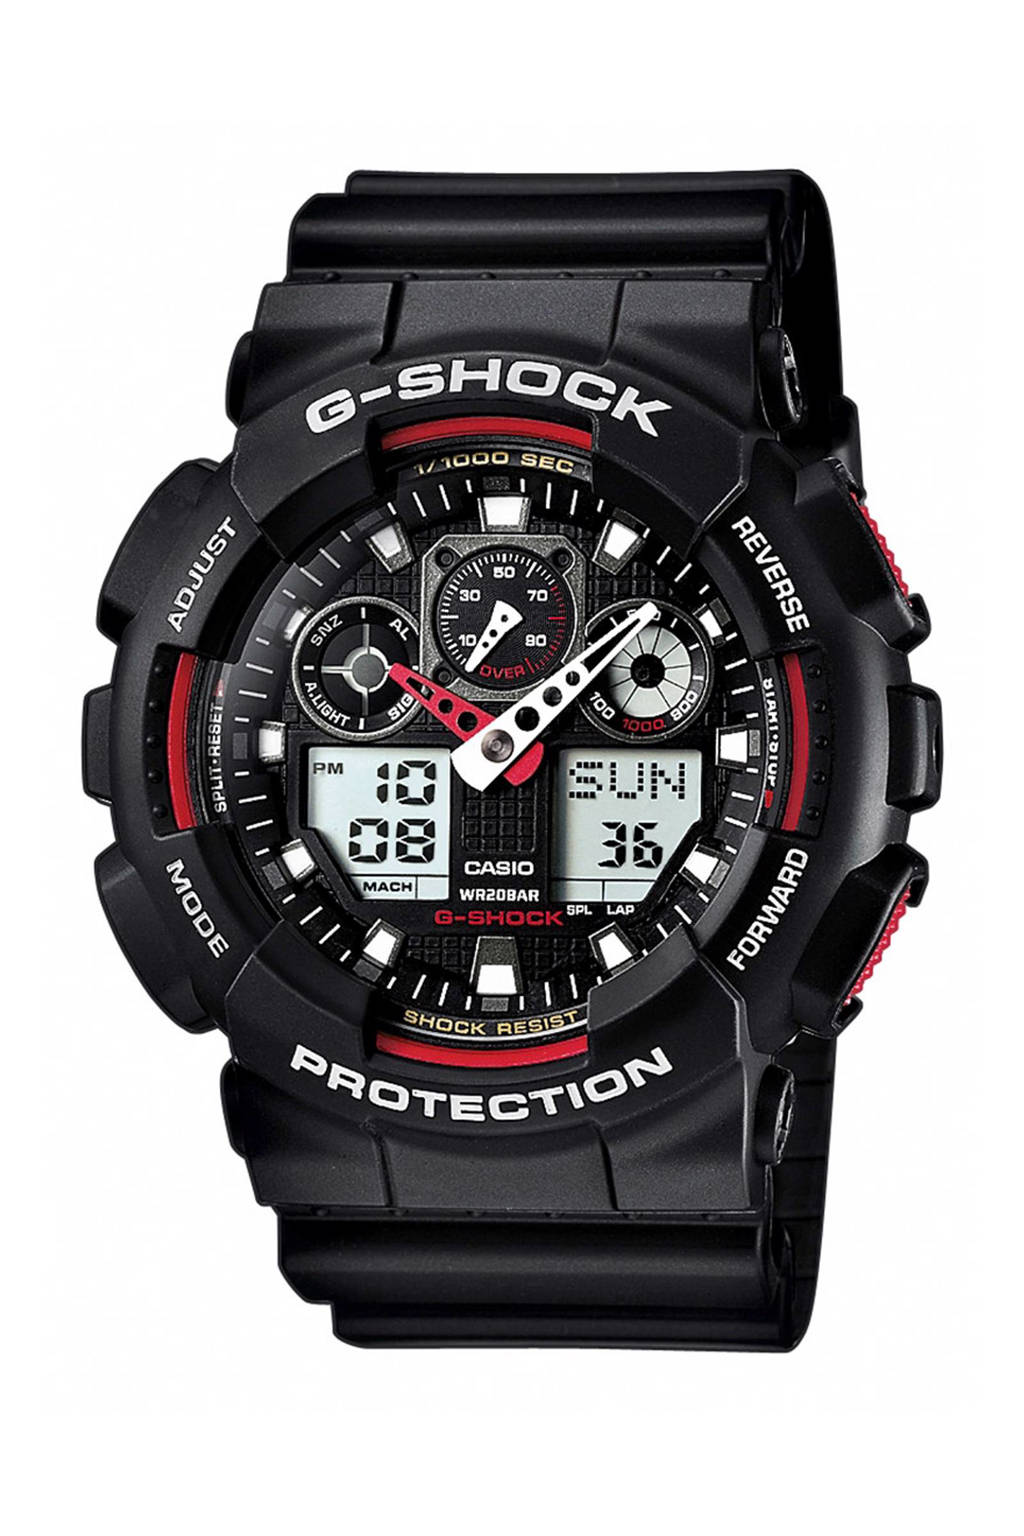 G Shock Zwart Met Rood.G Shock Horloge Wehkamp